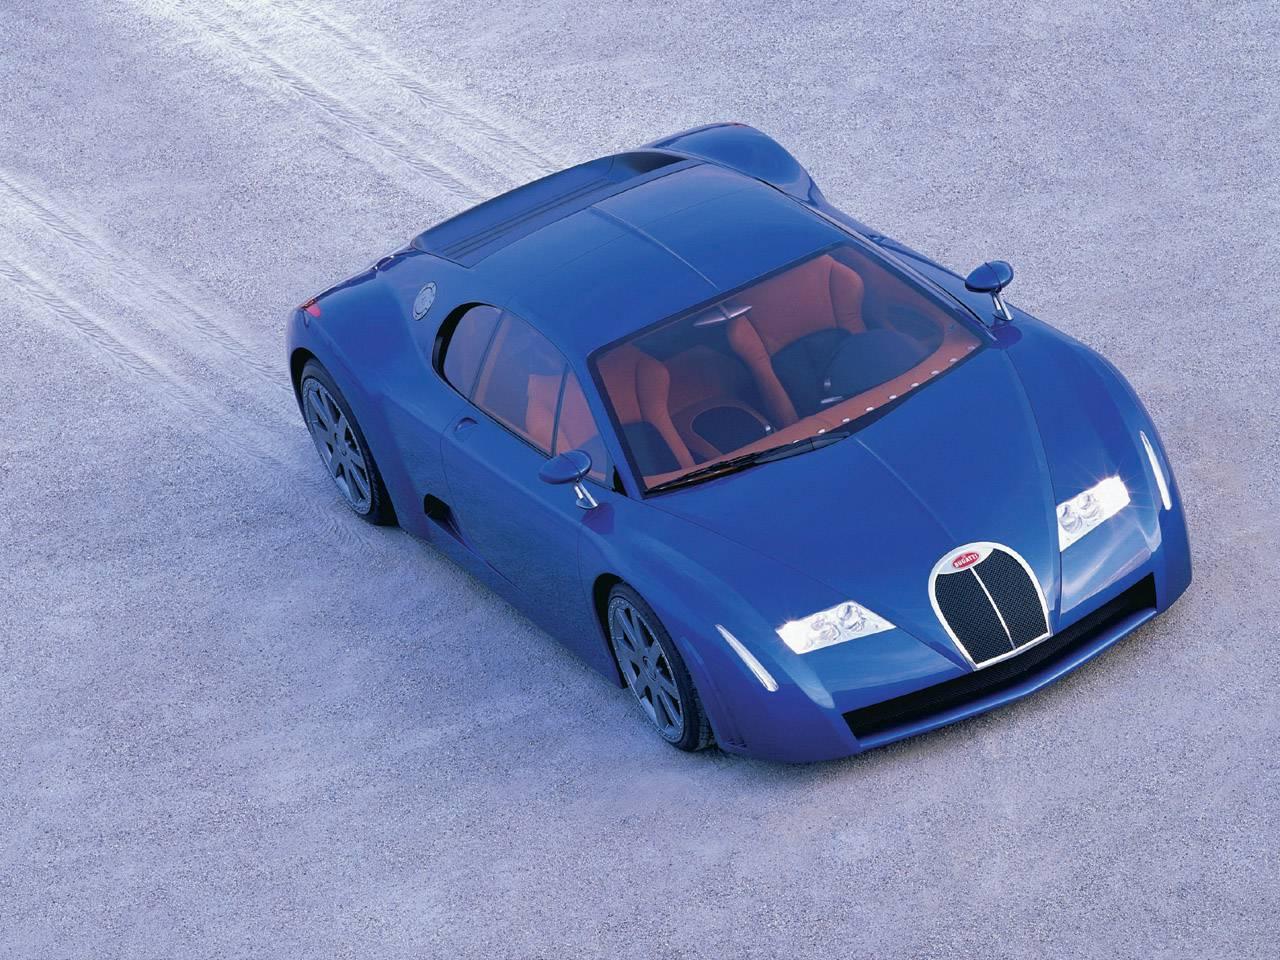 _Bugatti-EB-18-3-Chiron-Top-Front-1280x960